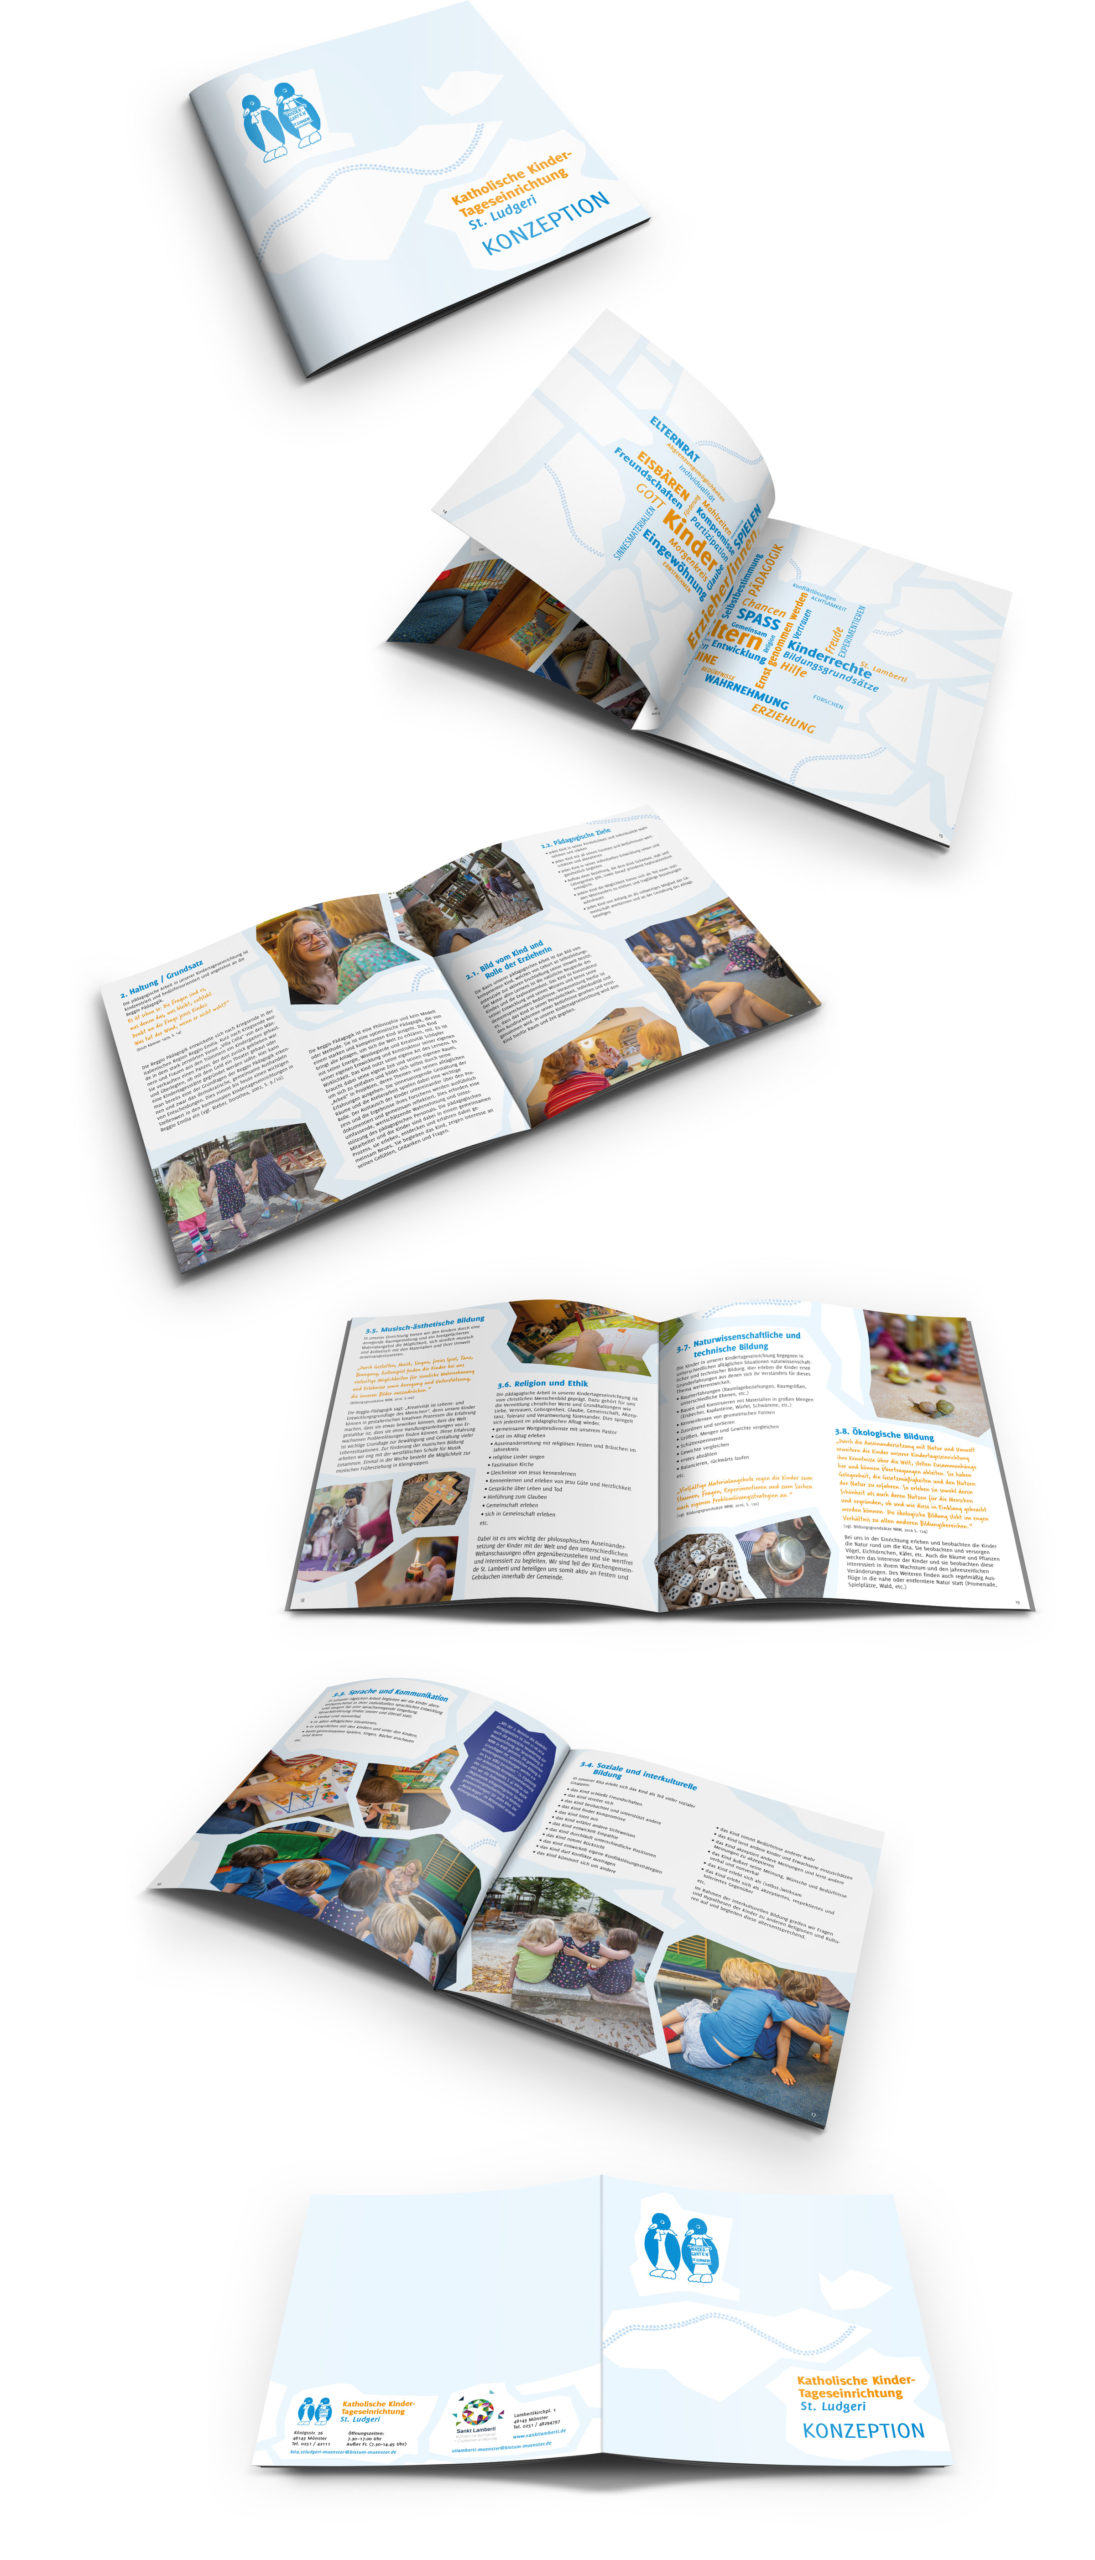 Design für Kindergärten: Konzeption der Kita St. Ludgeri in Münster